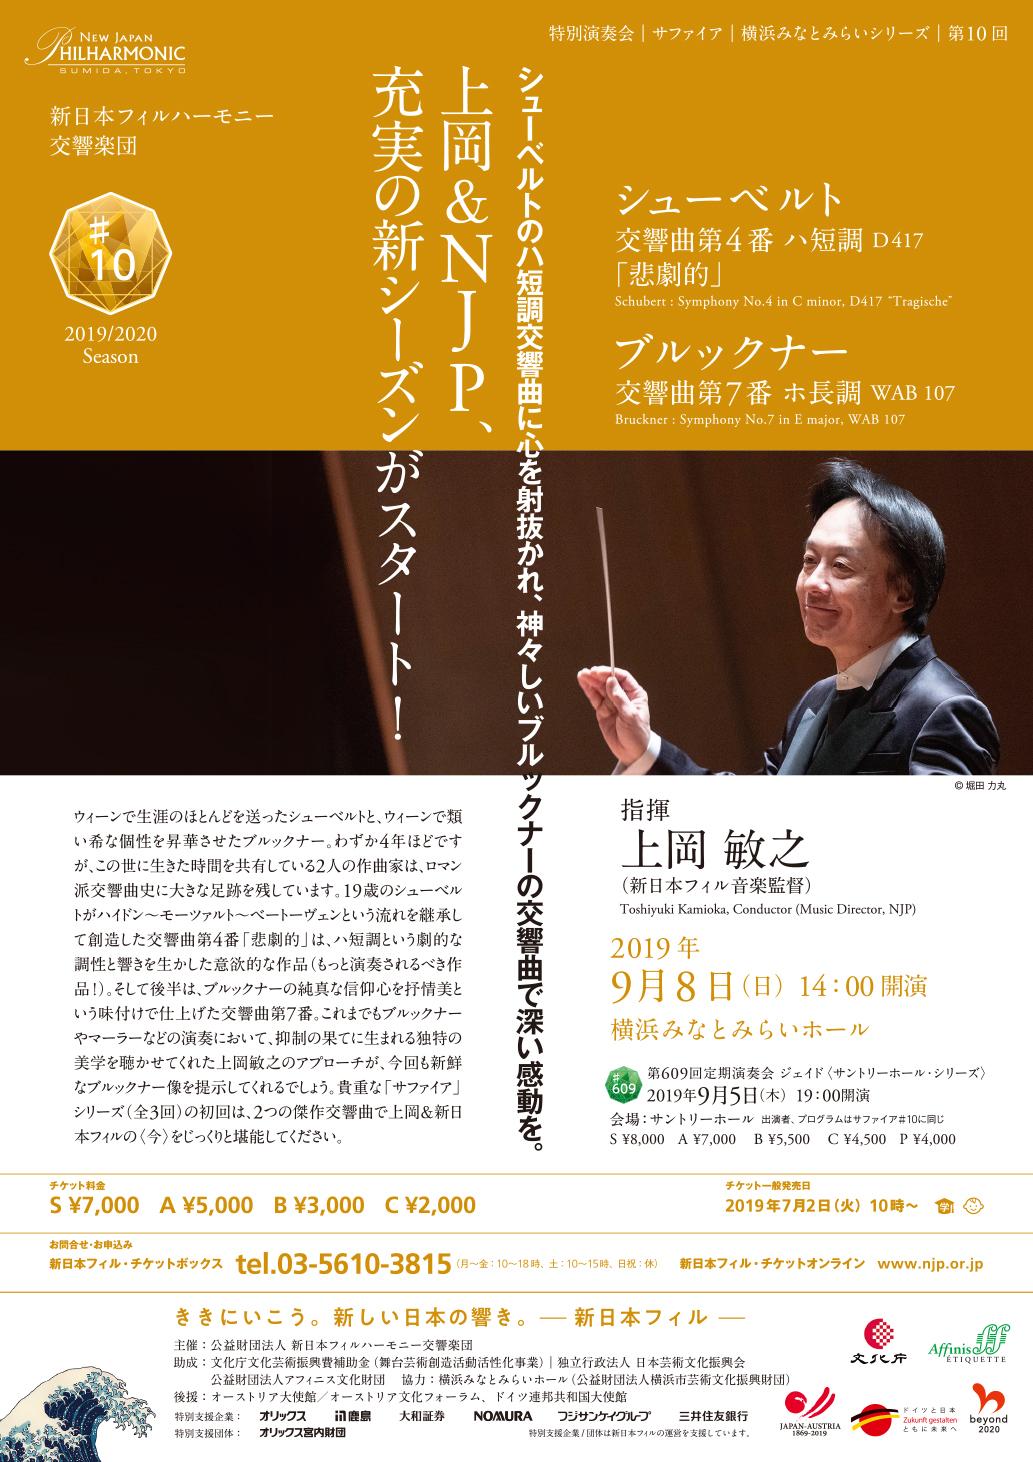 『新日本フィルハーモニー交響楽団』定期演奏会シリーズ